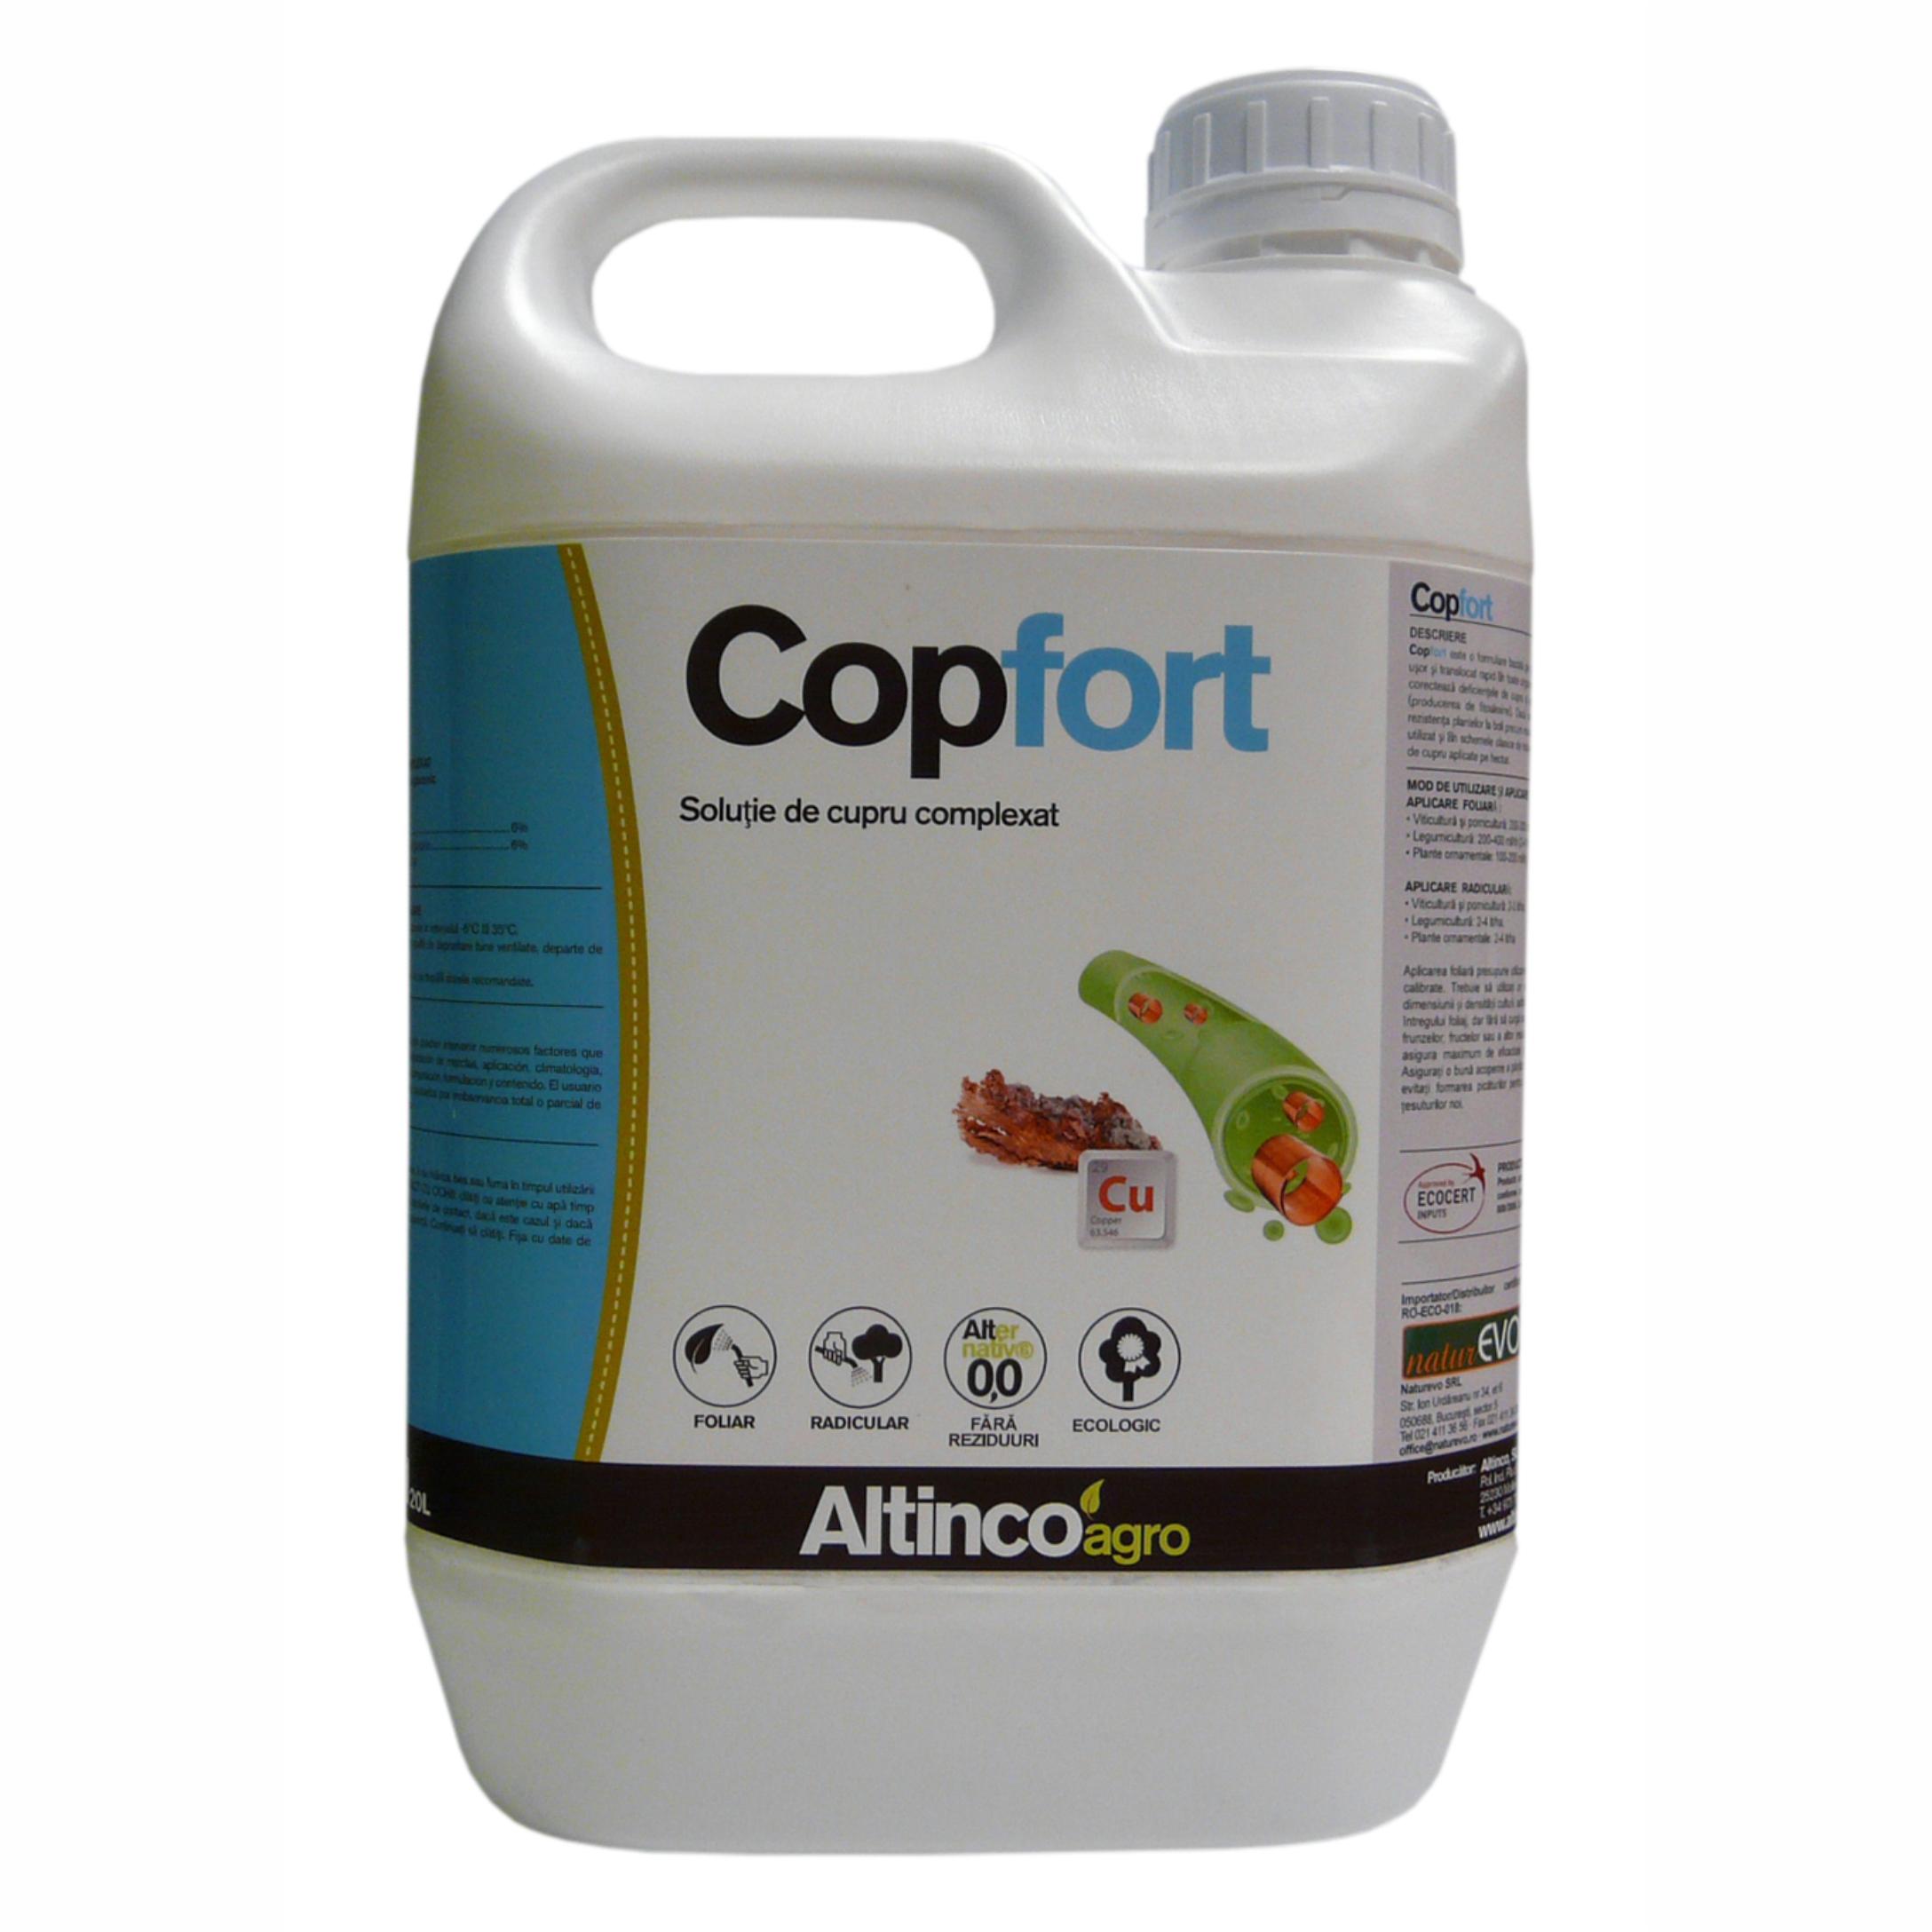 Copfort - fortifiant pentru plante